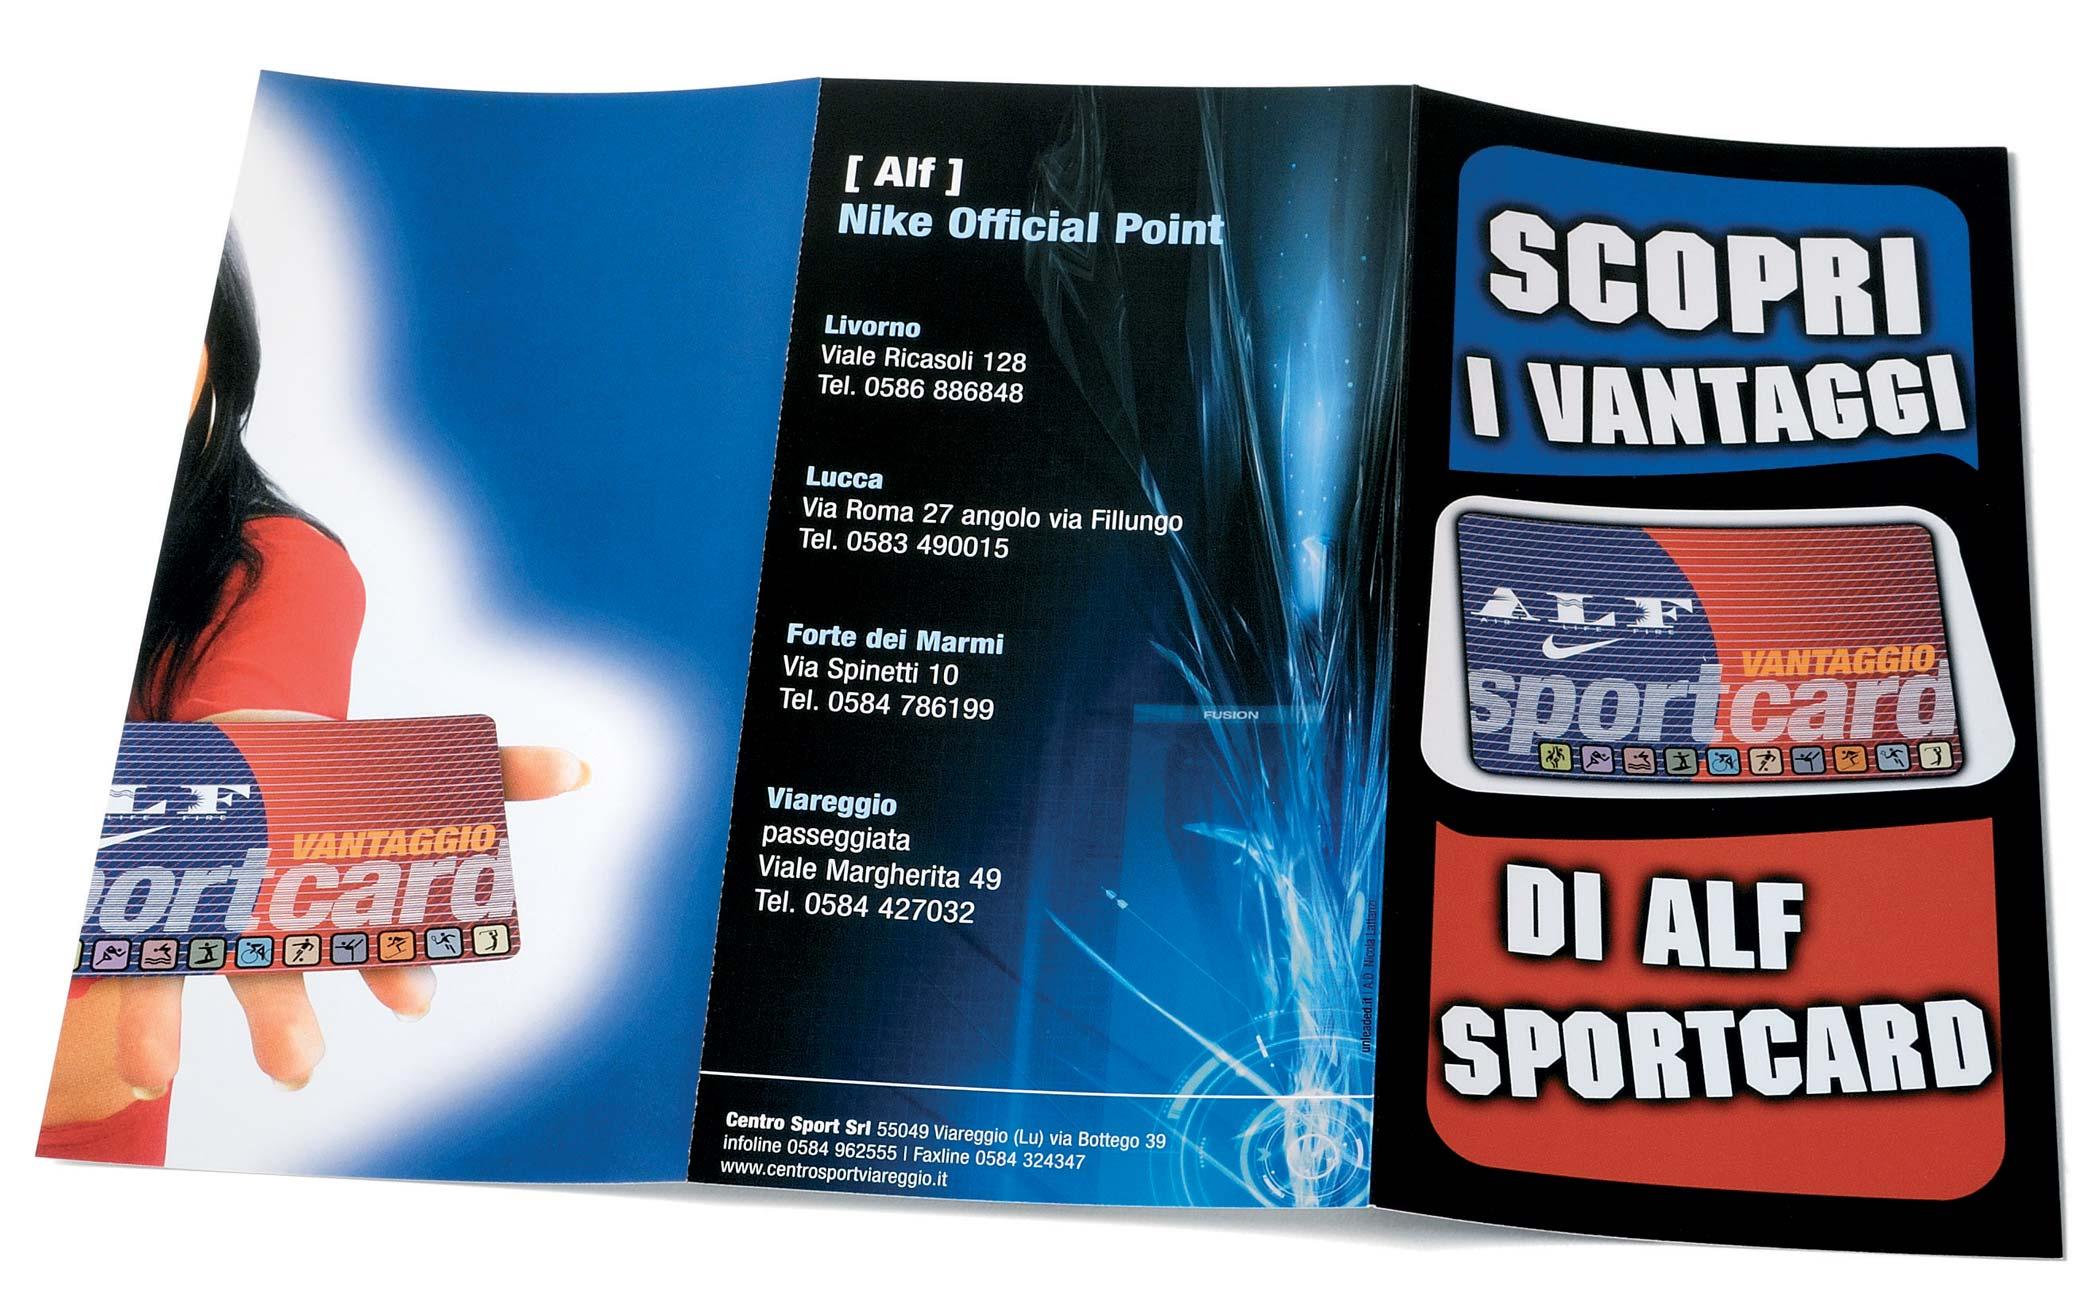 NIKE ALF Sportcard